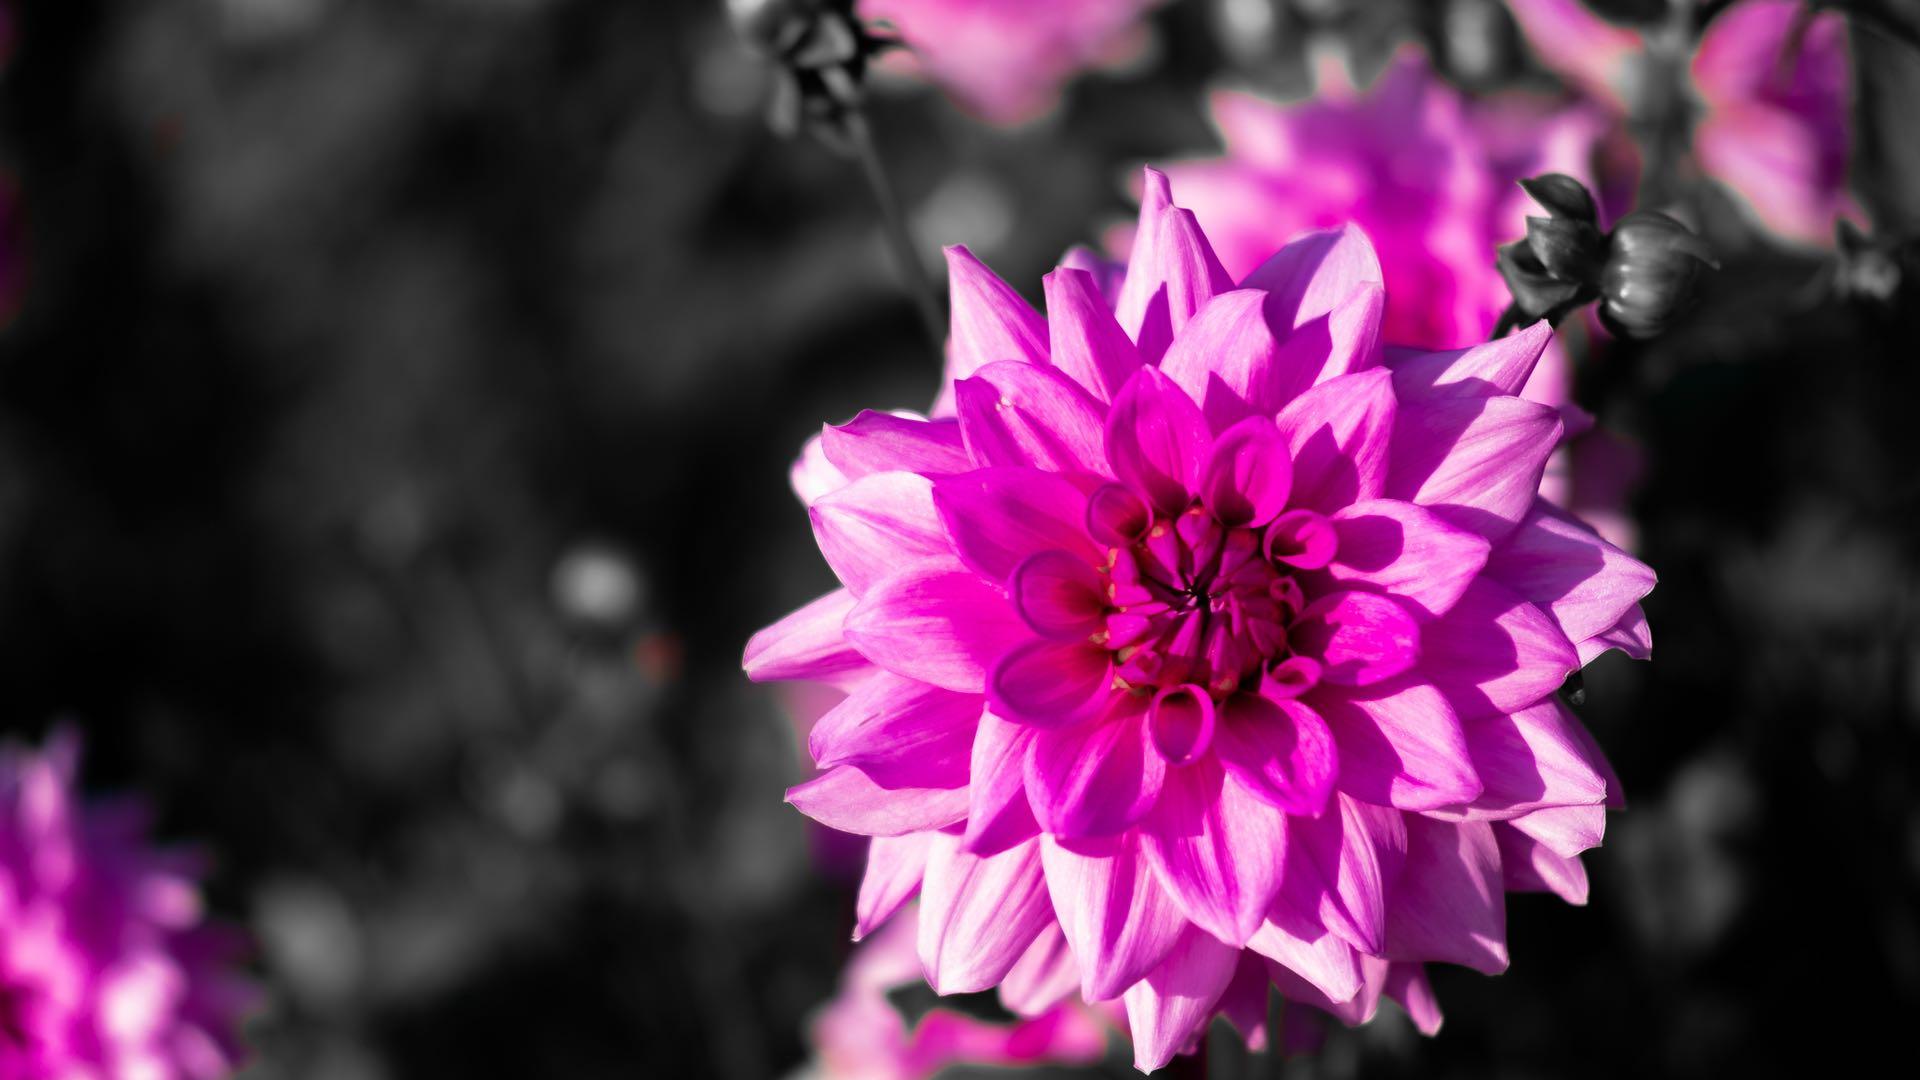 Black n Pink 1920x1080